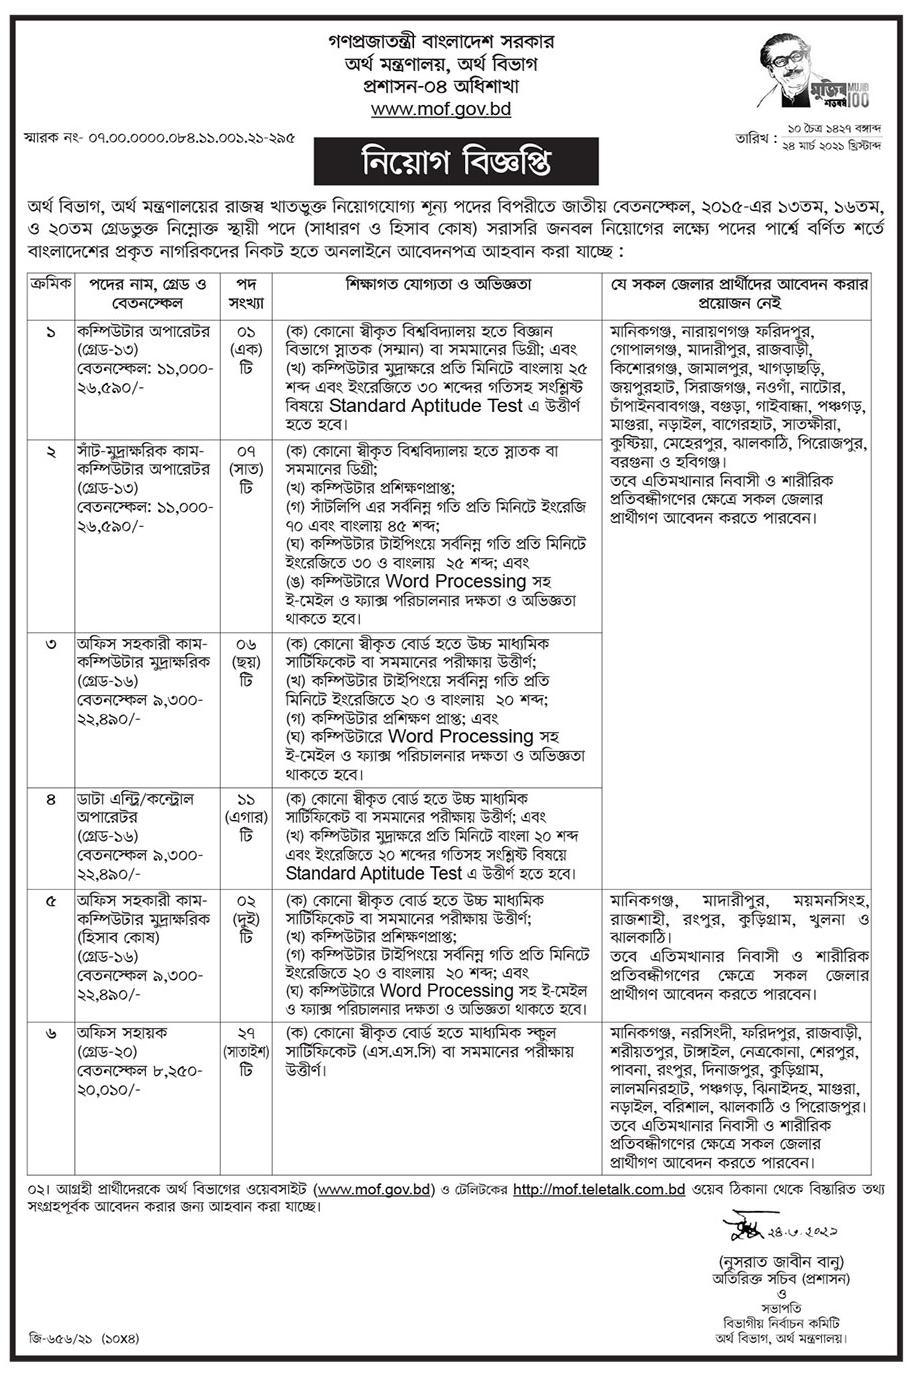 অর্থ মন্ত্রণালয় নিয়োগ বিজ্ঞপ্তি ২০২১ - Ministry of finance job circular 2021